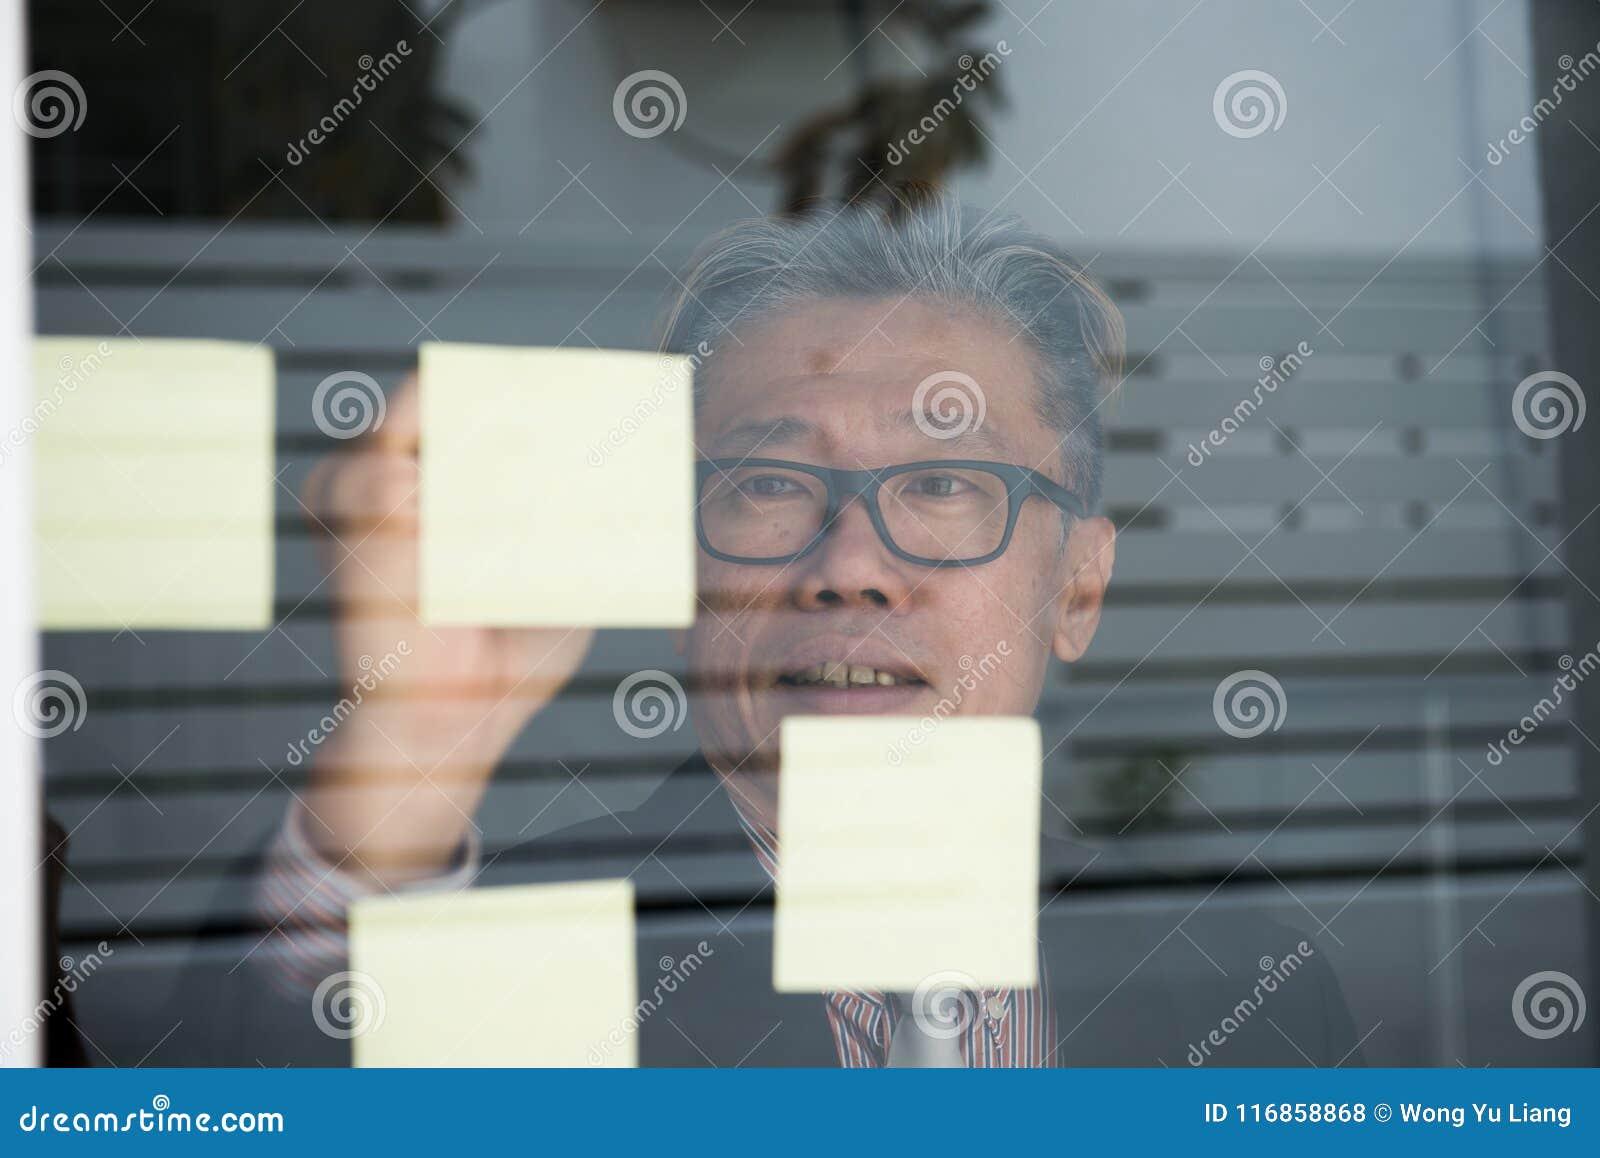 在玻璃墙上的亚洲商人文字